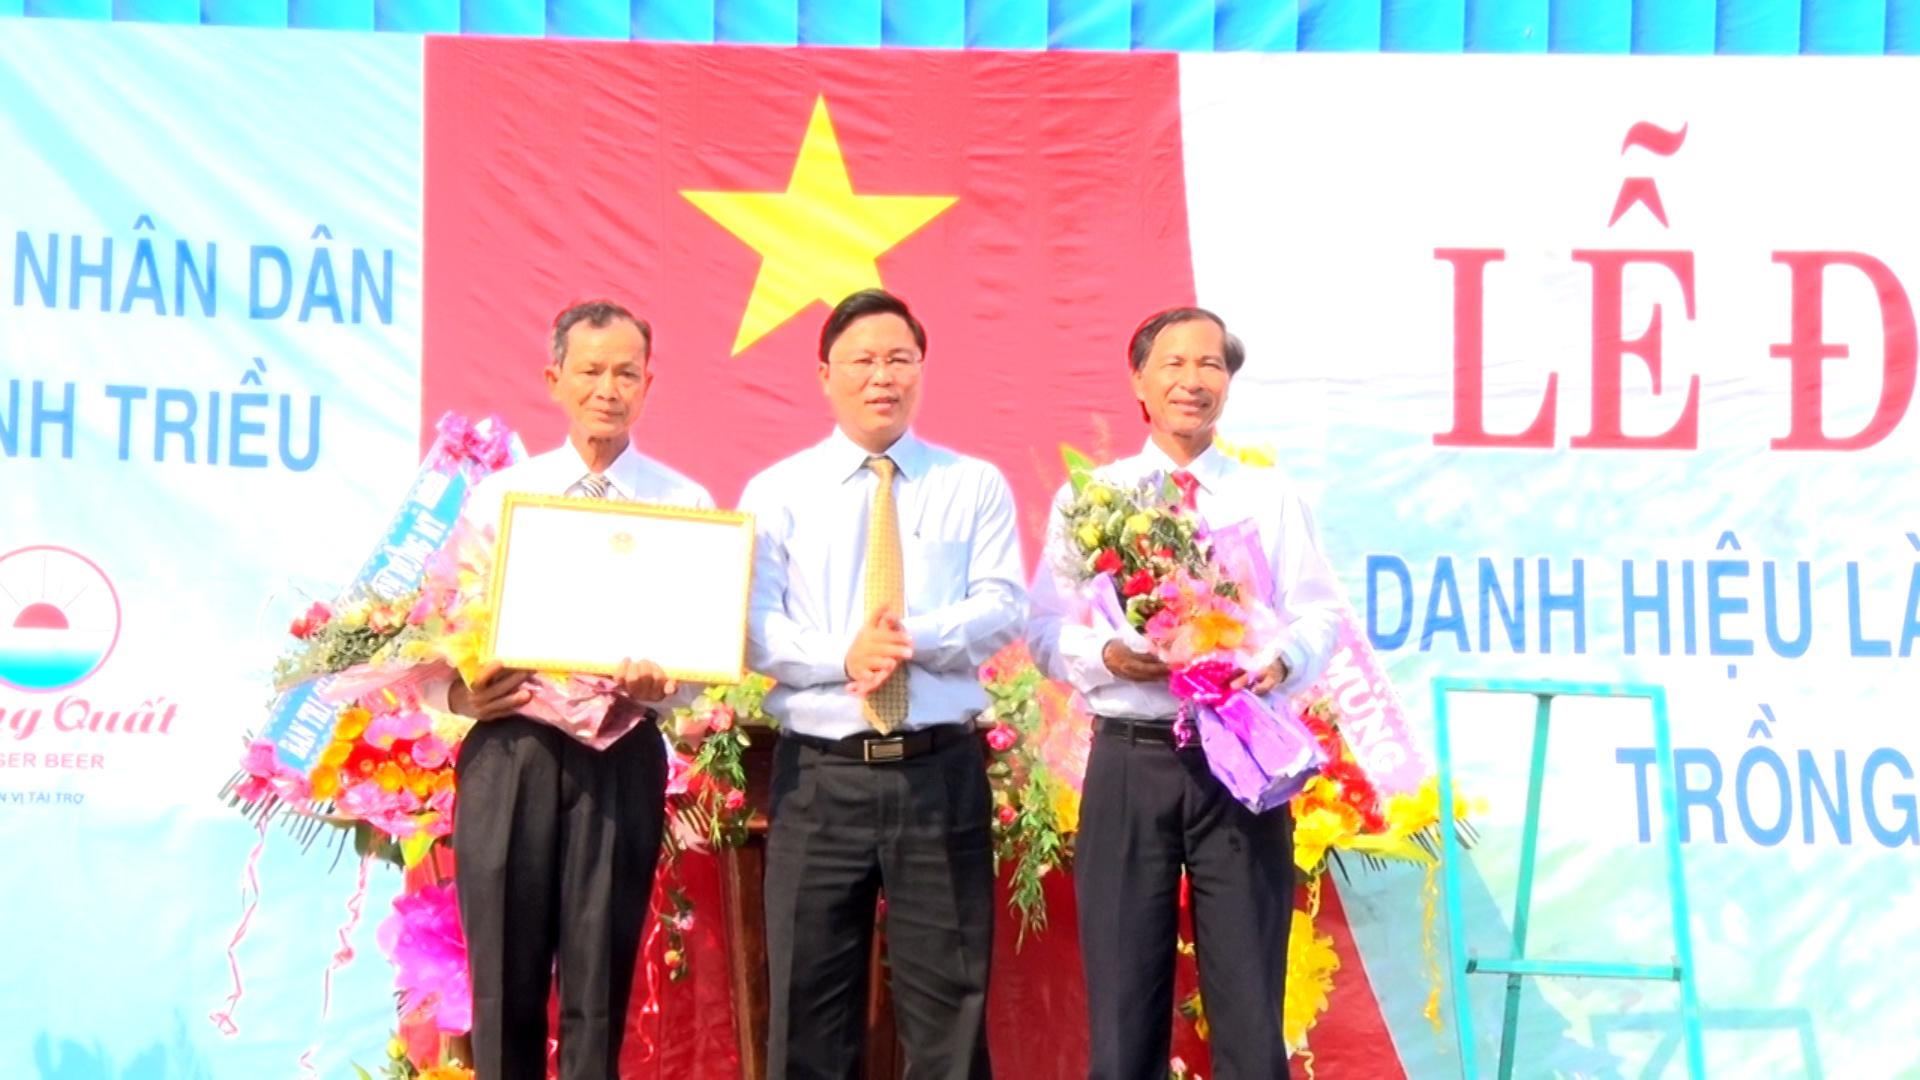 Phó Chủ tịch UBND tỉnh Lê Trí Thanh trao chứng nhận công nhận làng nghề truyền thống Hưng Mỹ cho lãnh đạo xã Bình Triều